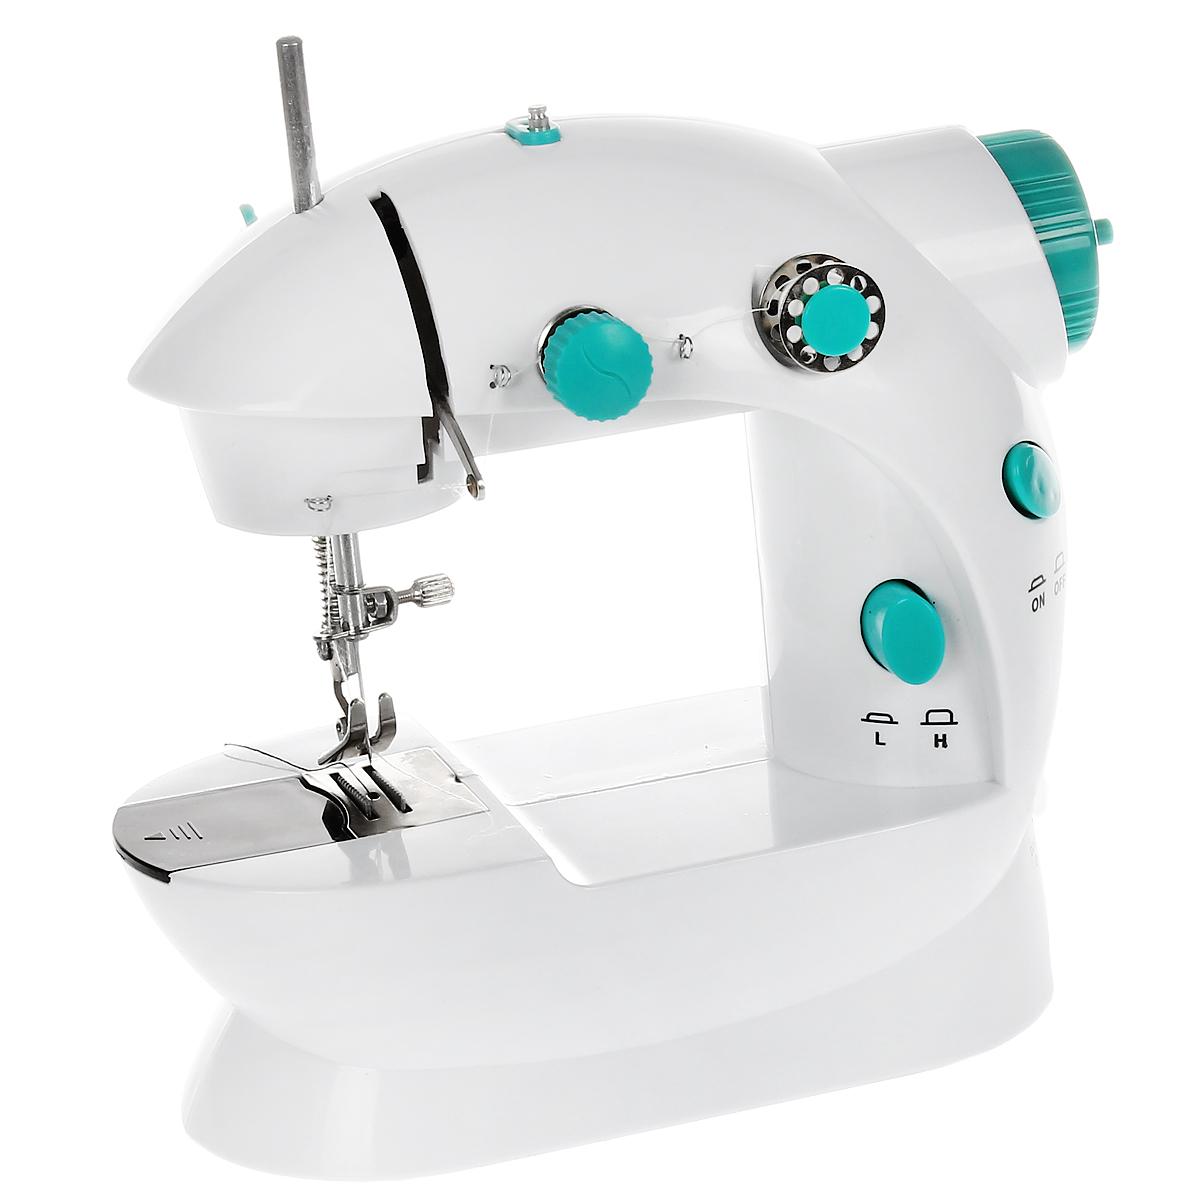 Машинка швейная Bradex Портняжка, компактнаяTD 0162Компактная швейная машинка Bradex Портняжка - полезное приспособление в быту. С ее помощью вы можете не только дома, но даже в путешествии или в походных условиях подшить одежду, поставить заплатку и так далее. Даже в домашних условиях для мелких швейных работ вам будет намного удобнее пользоваться этим мини-прибором вместо громоздких швейных машин. Занимает мало места и подходит для использования даже в малогабаритных помещениях. Легко хранить и перевозить. Идеально подходит для мелких швейных работ: прострочить край брюк, зашить дырку или поставить заплатку. Работает как от электросети, так и от батареек, что придаёт дополнительное удобство при её использовании! Имеет два скоростных режима, осуществляет прошивку двойной ниткой, может управляться при помощи ножной педали для облегчения процесса шитья. Отличная покупка для всей семьи! С помощью Bradex Портняжка вы сможете погрузить ваших детей в увлекательный мир рукоделия. Под вашим чутким...